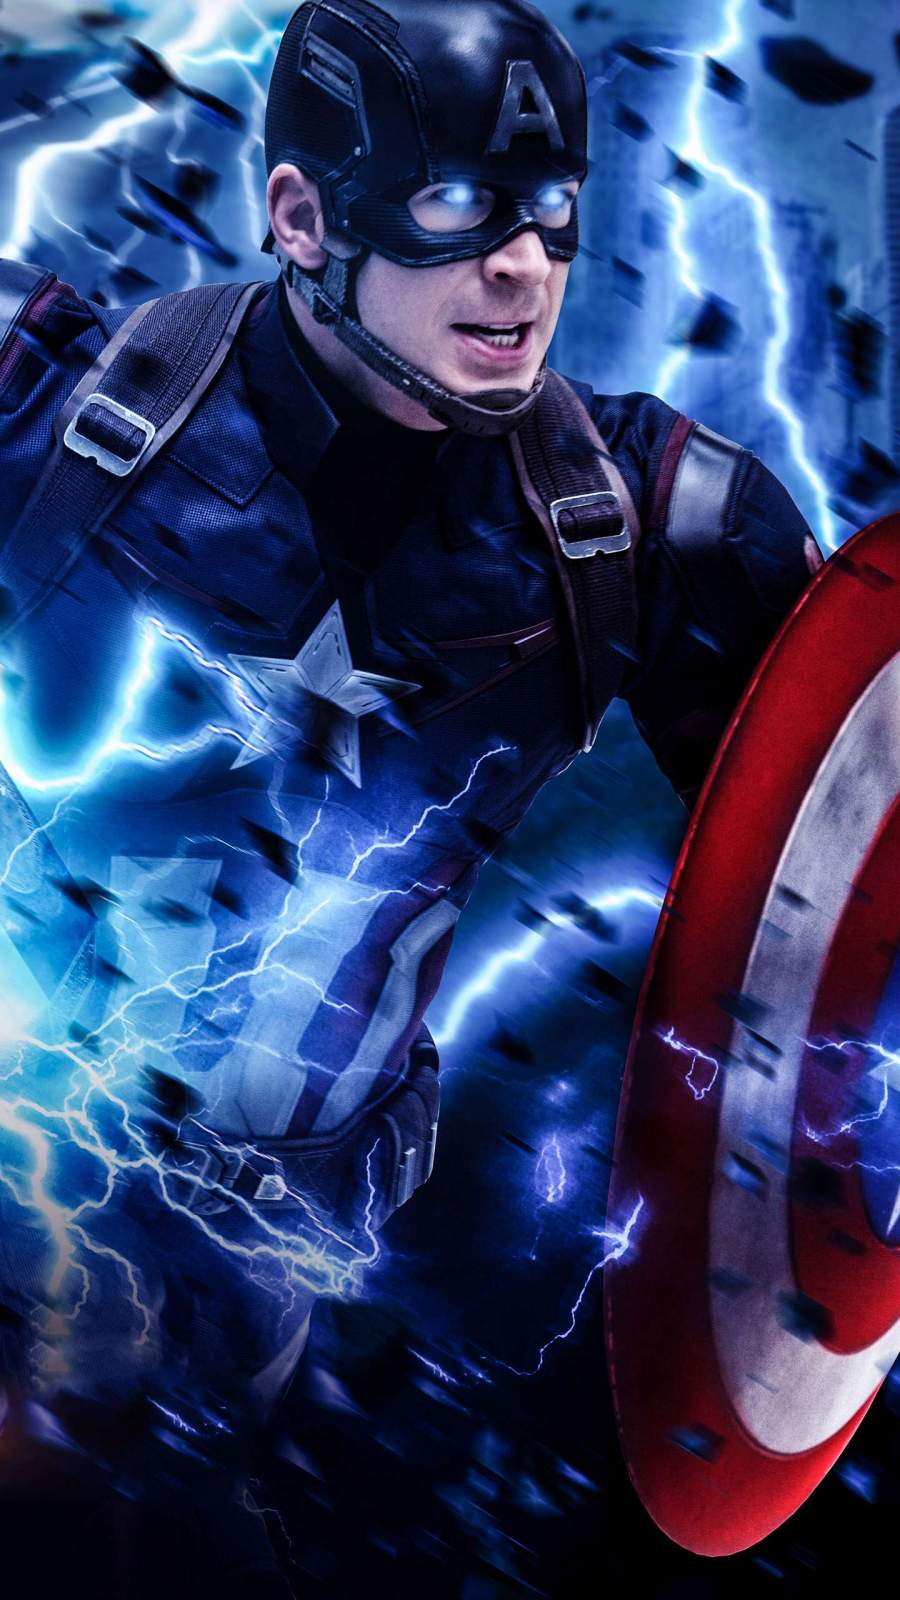 Captain America Thor Hammer Thunder iPhone Wallpaper